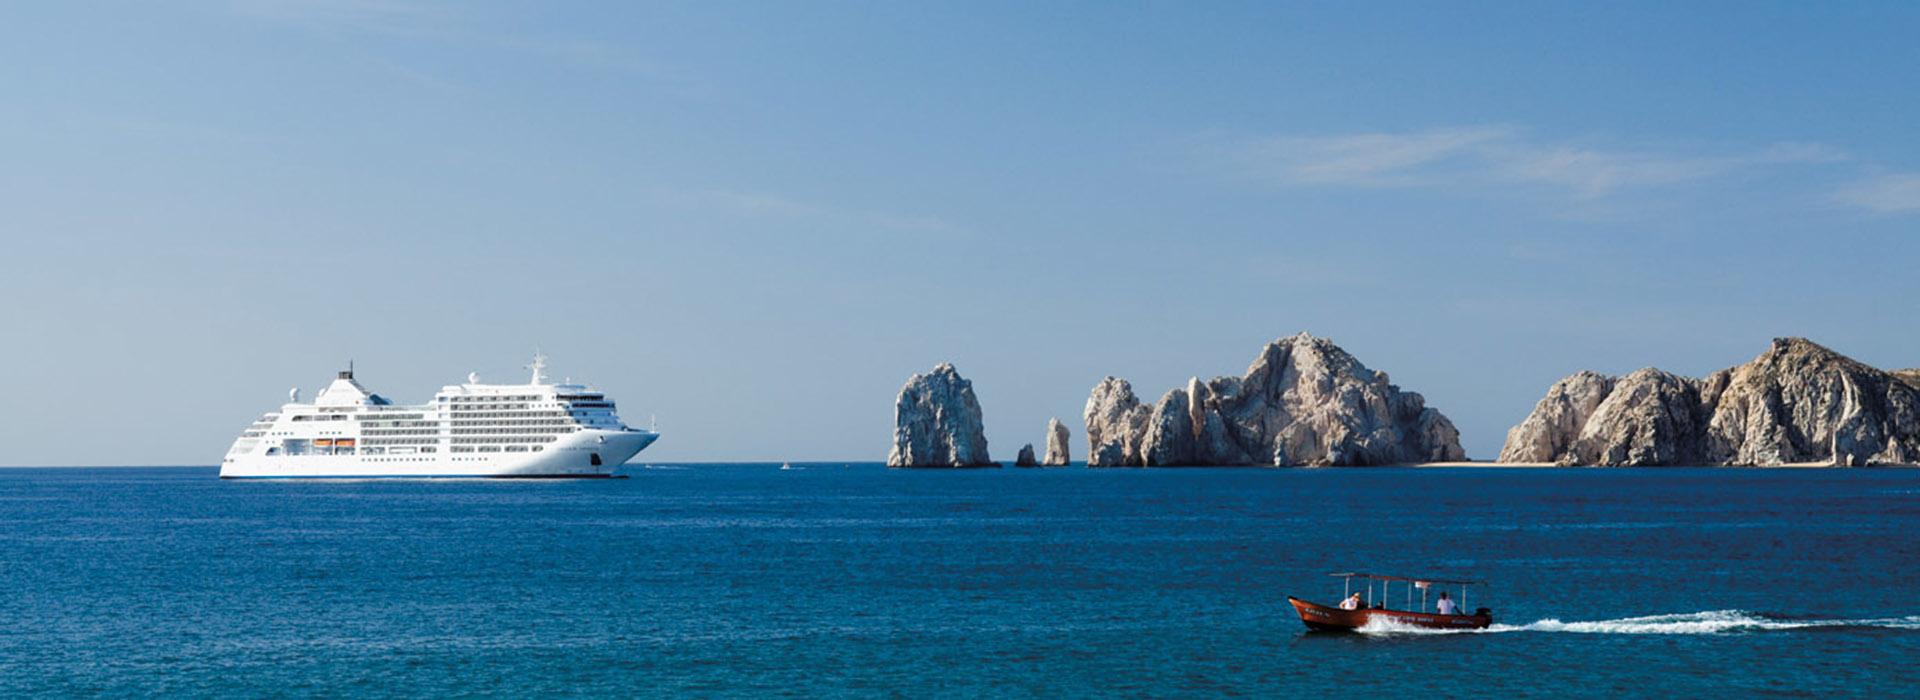 Silversea Luxuskreuzfahrtschiffe